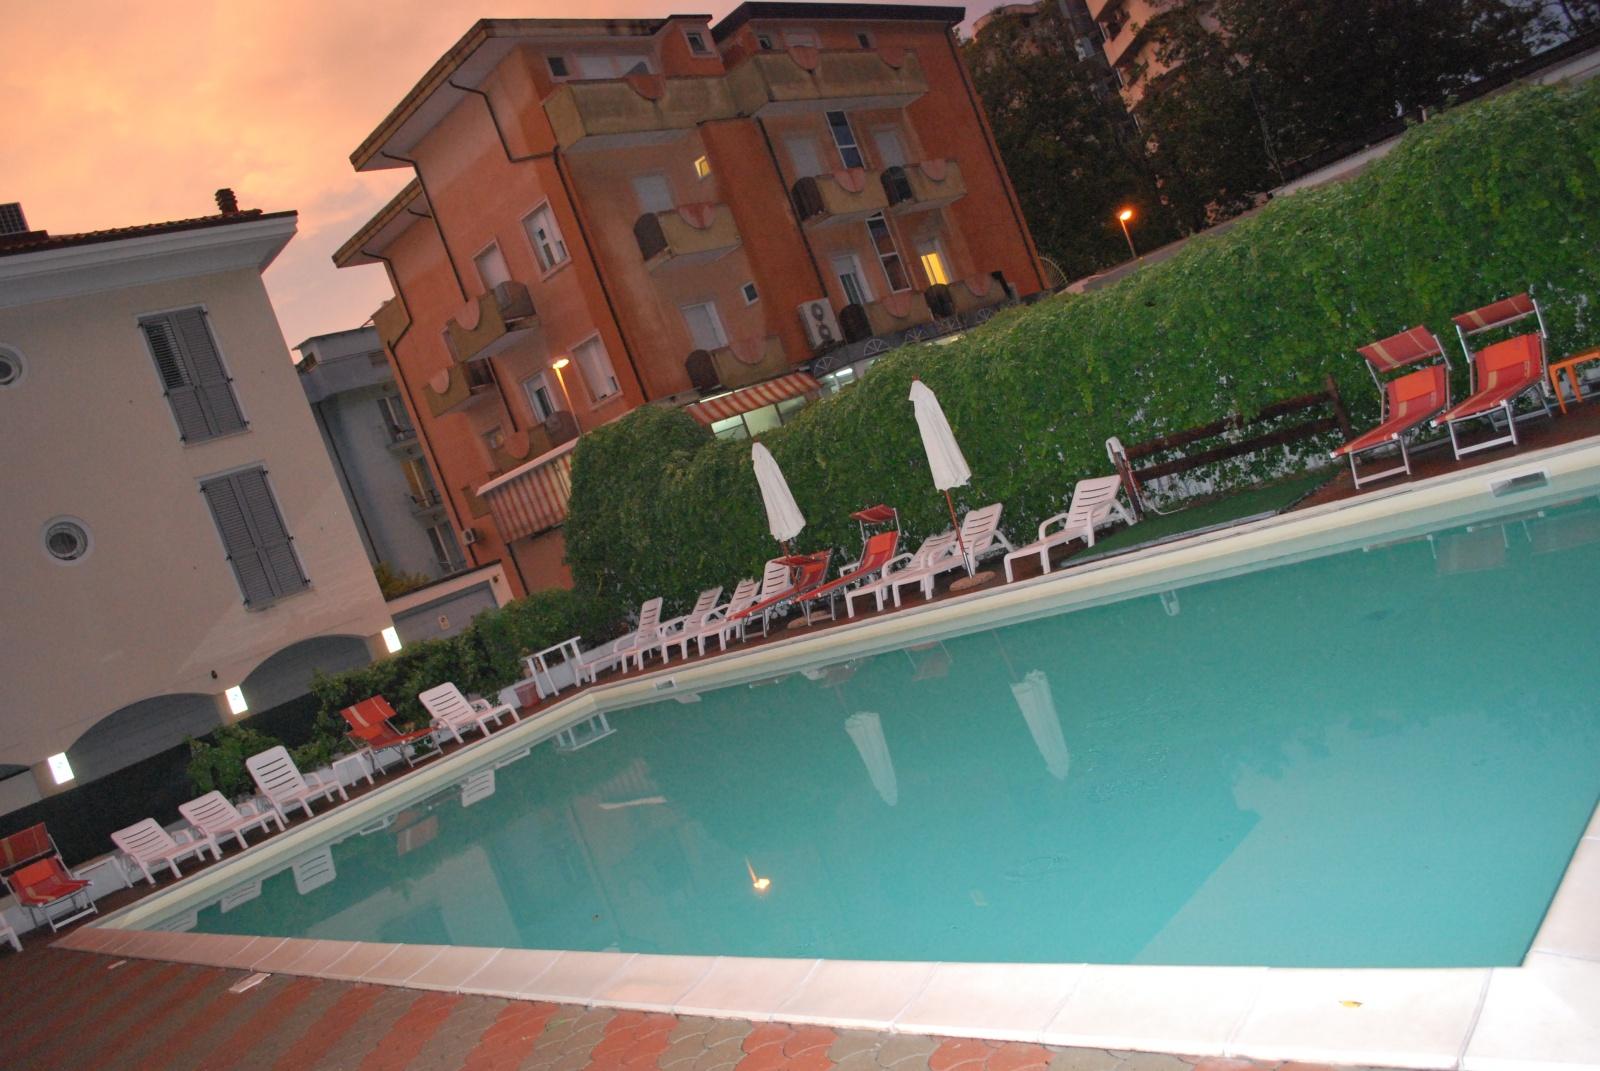 Offerta notte rosa hotel rimini con piscina - Hotel con piscina a rimini ...